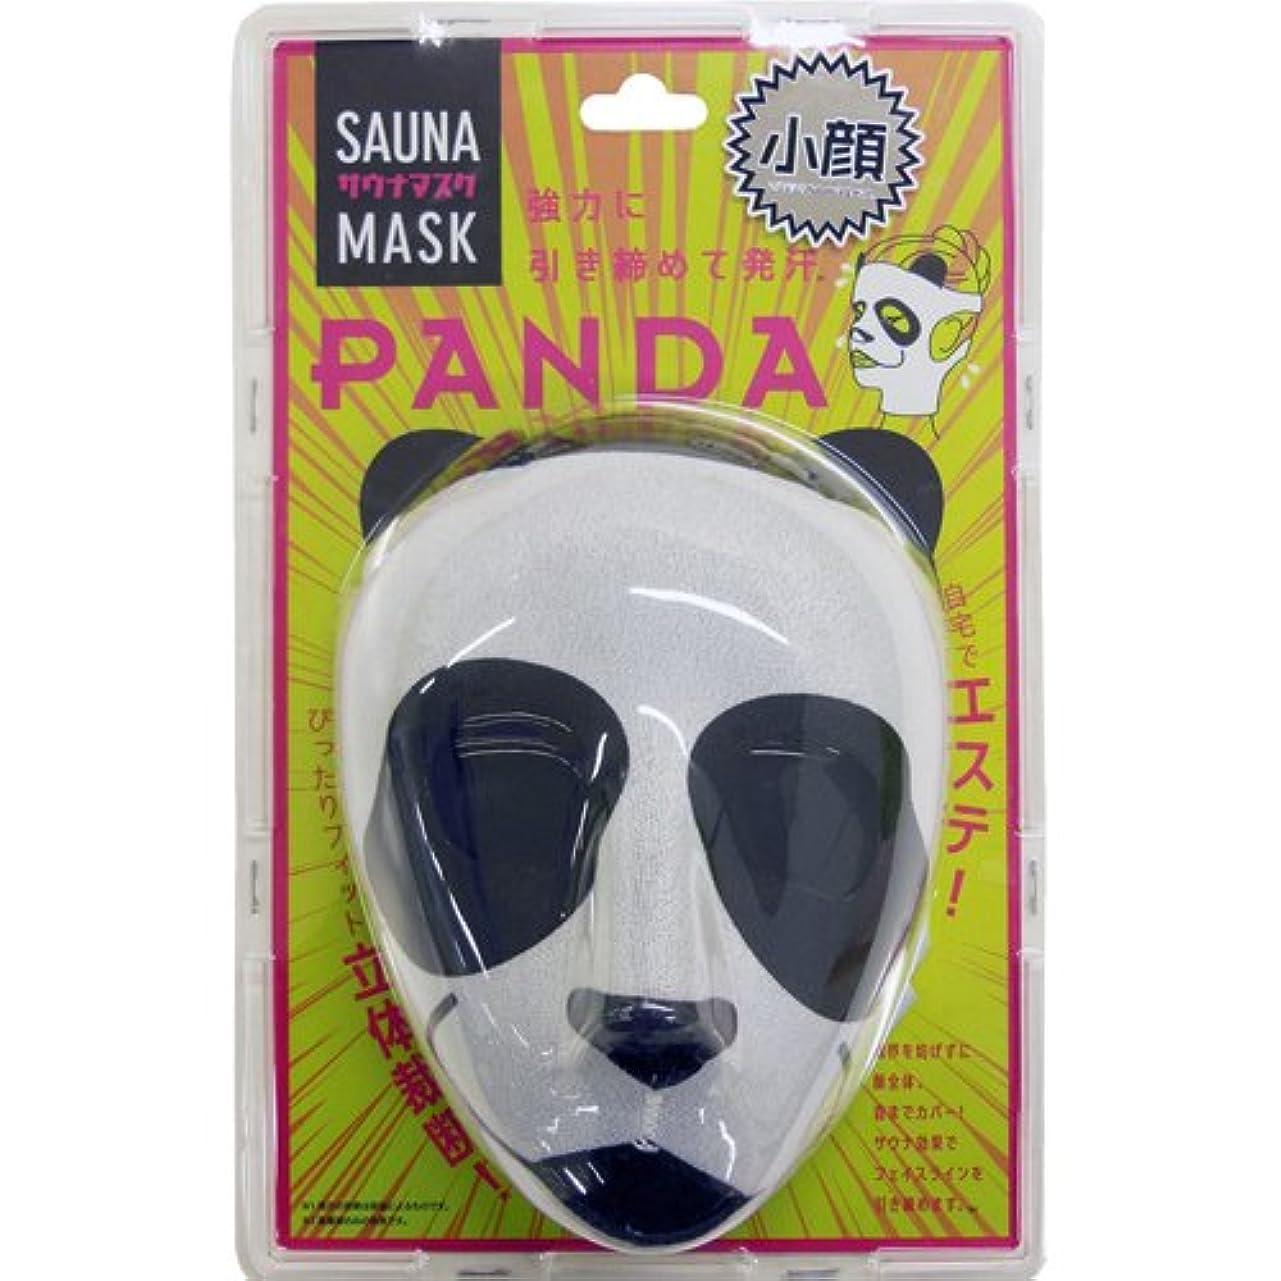 憂慮すべき万一に備えて効果コジット サウナマスク PANDA (1個)